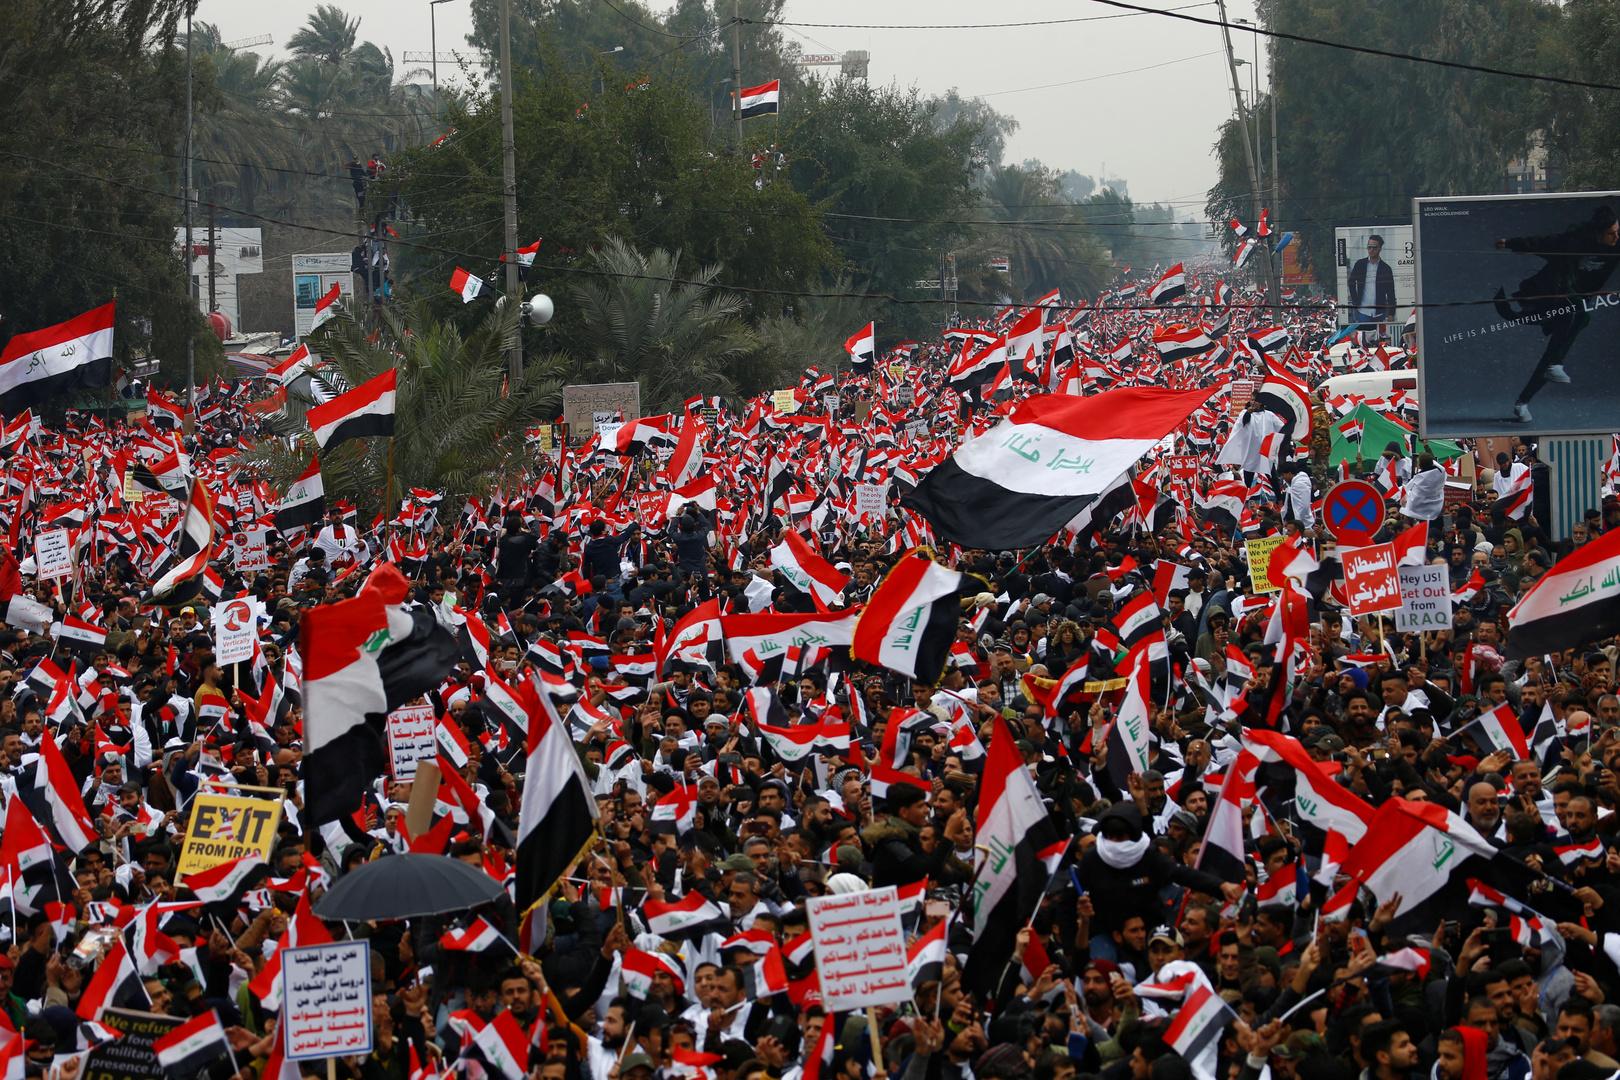 مقتل 4 متظاهرين بعد تجدد الاشتباكات ببغداد